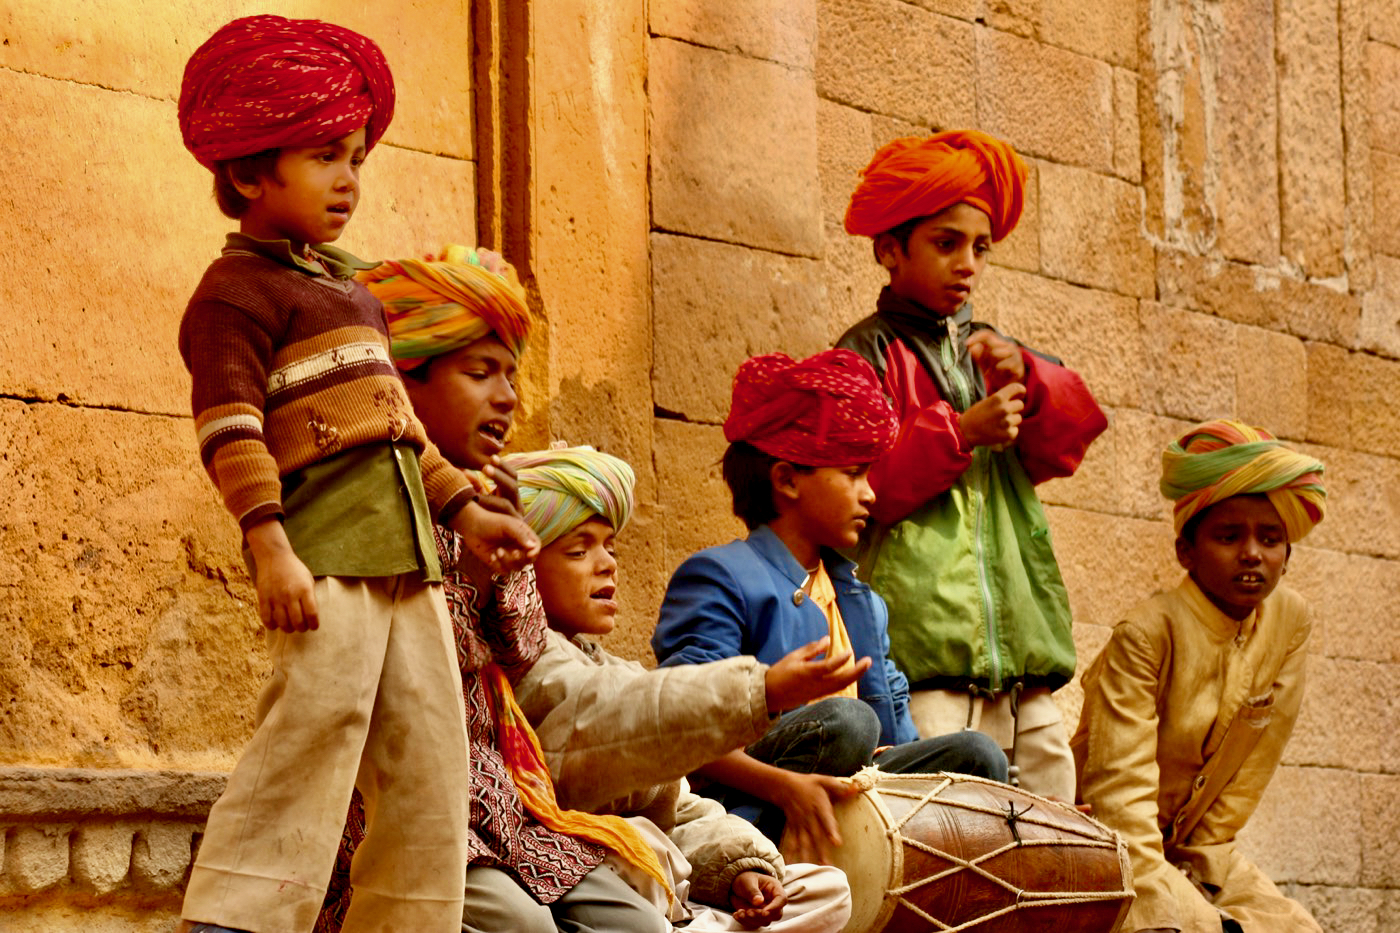 Indian Street Children in Turbans Jaisalmer Fort India Rajasthan